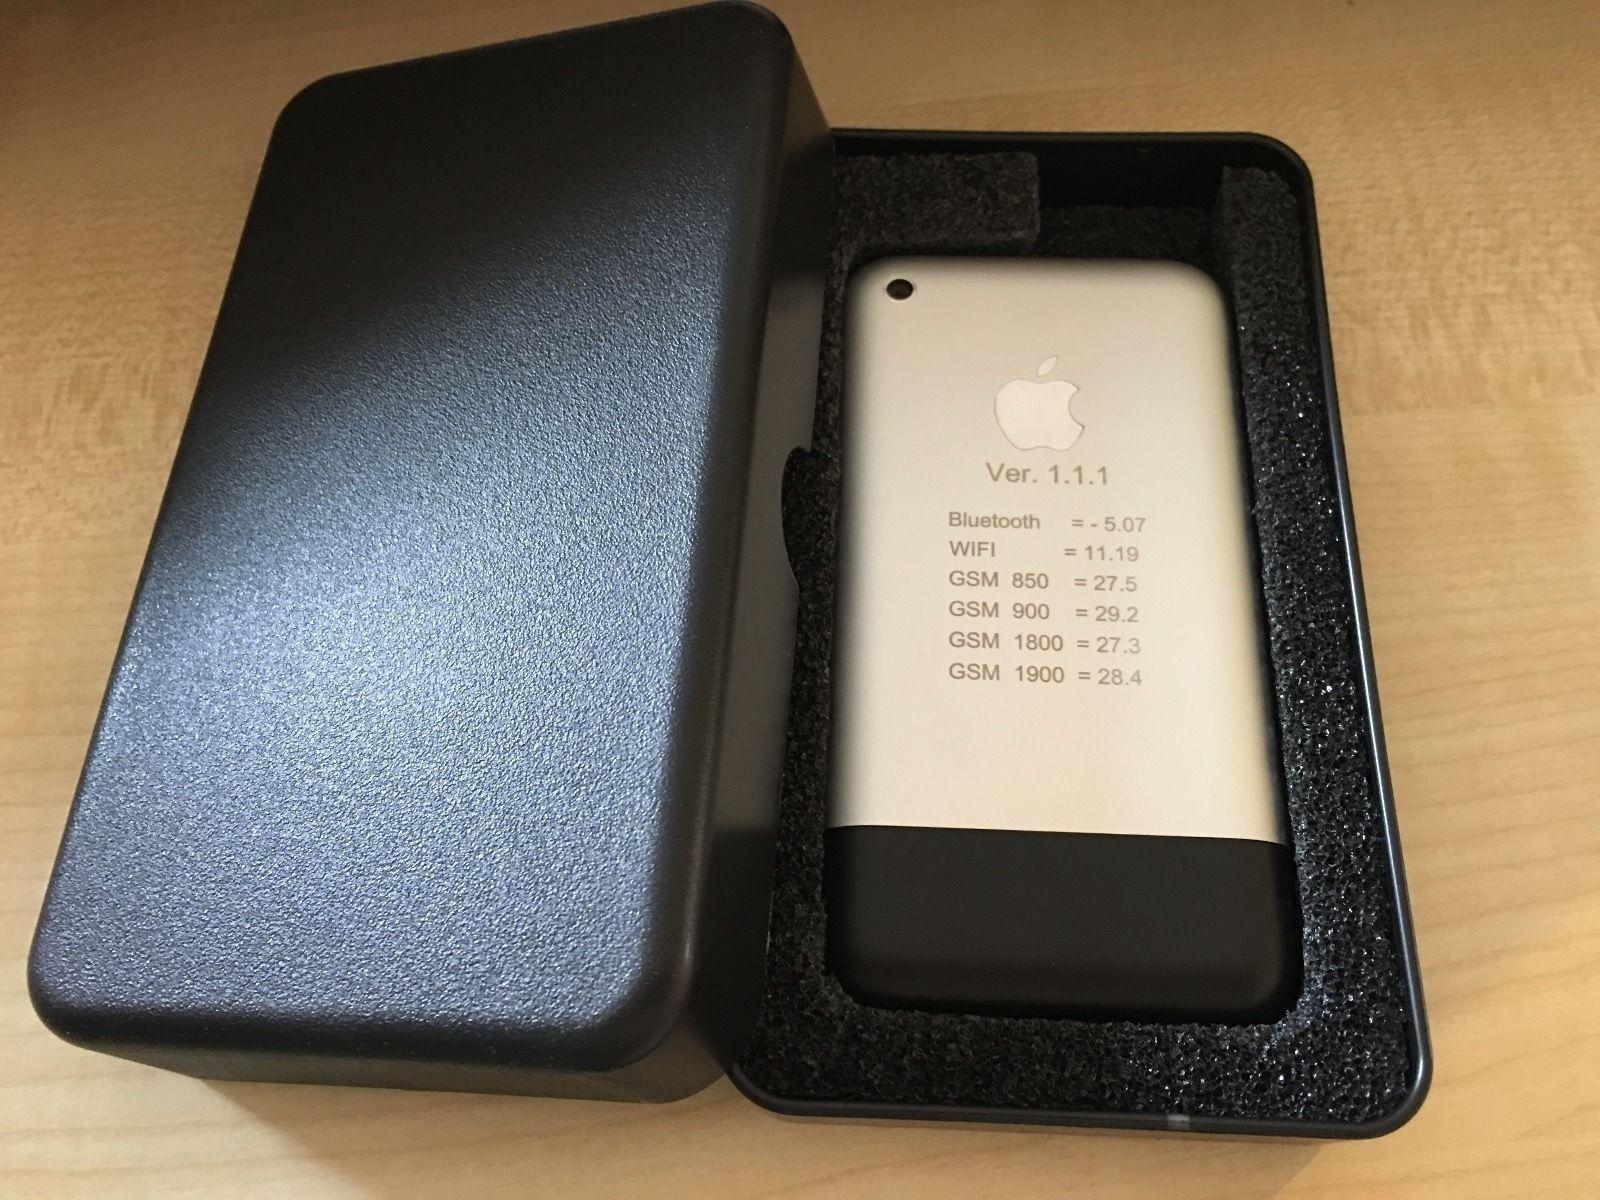 Denne prototypen av den originale iPhonen kan bli din.